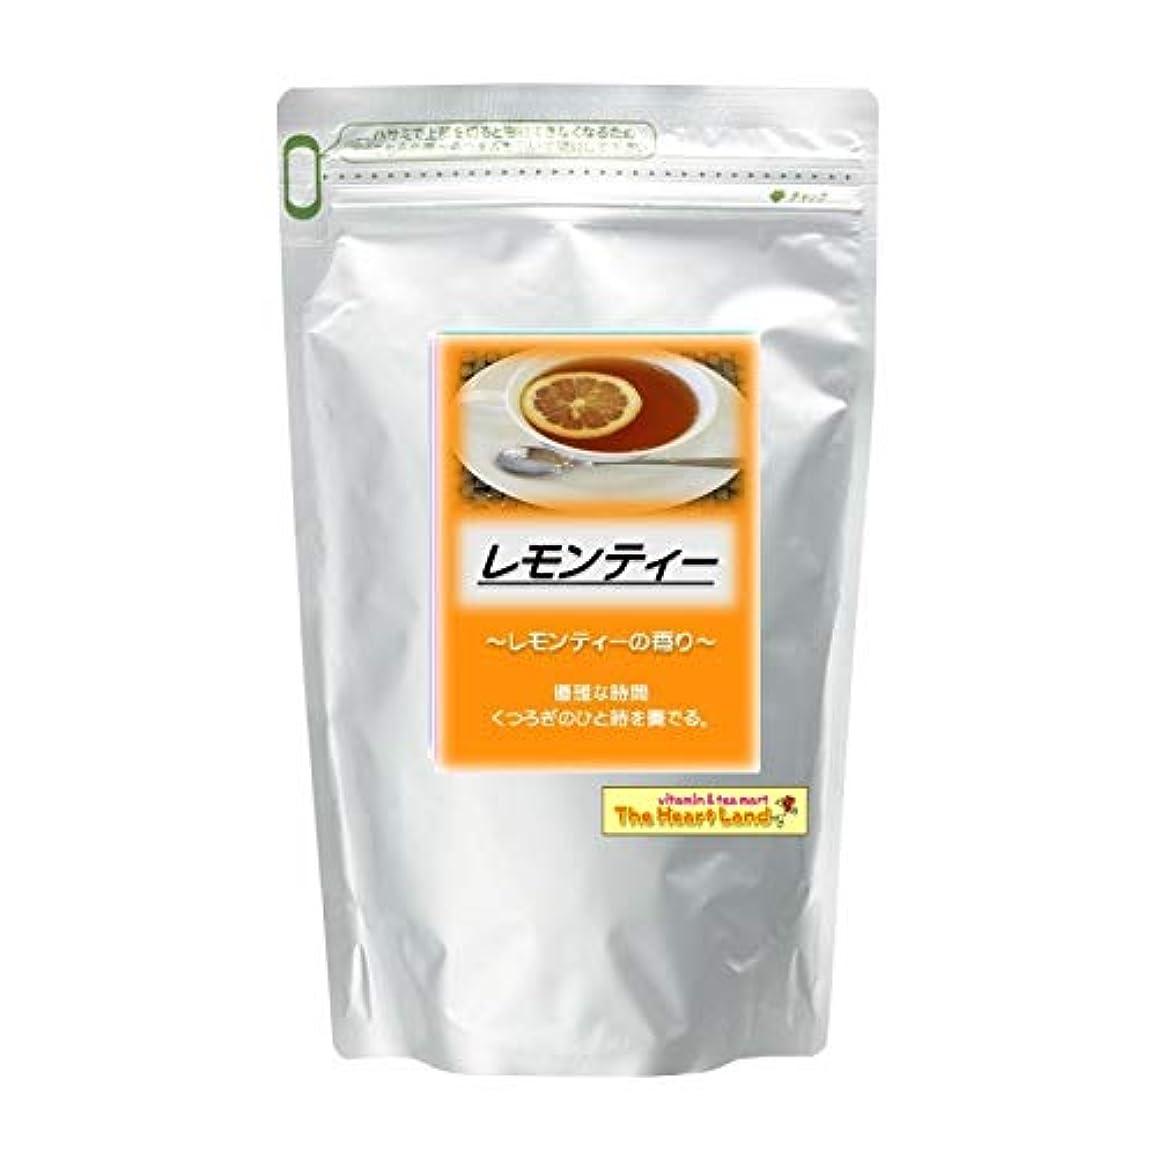 ウイルス論理的ナビゲーションアサヒ入浴剤 浴用入浴化粧品 レモンティー 2.5kg